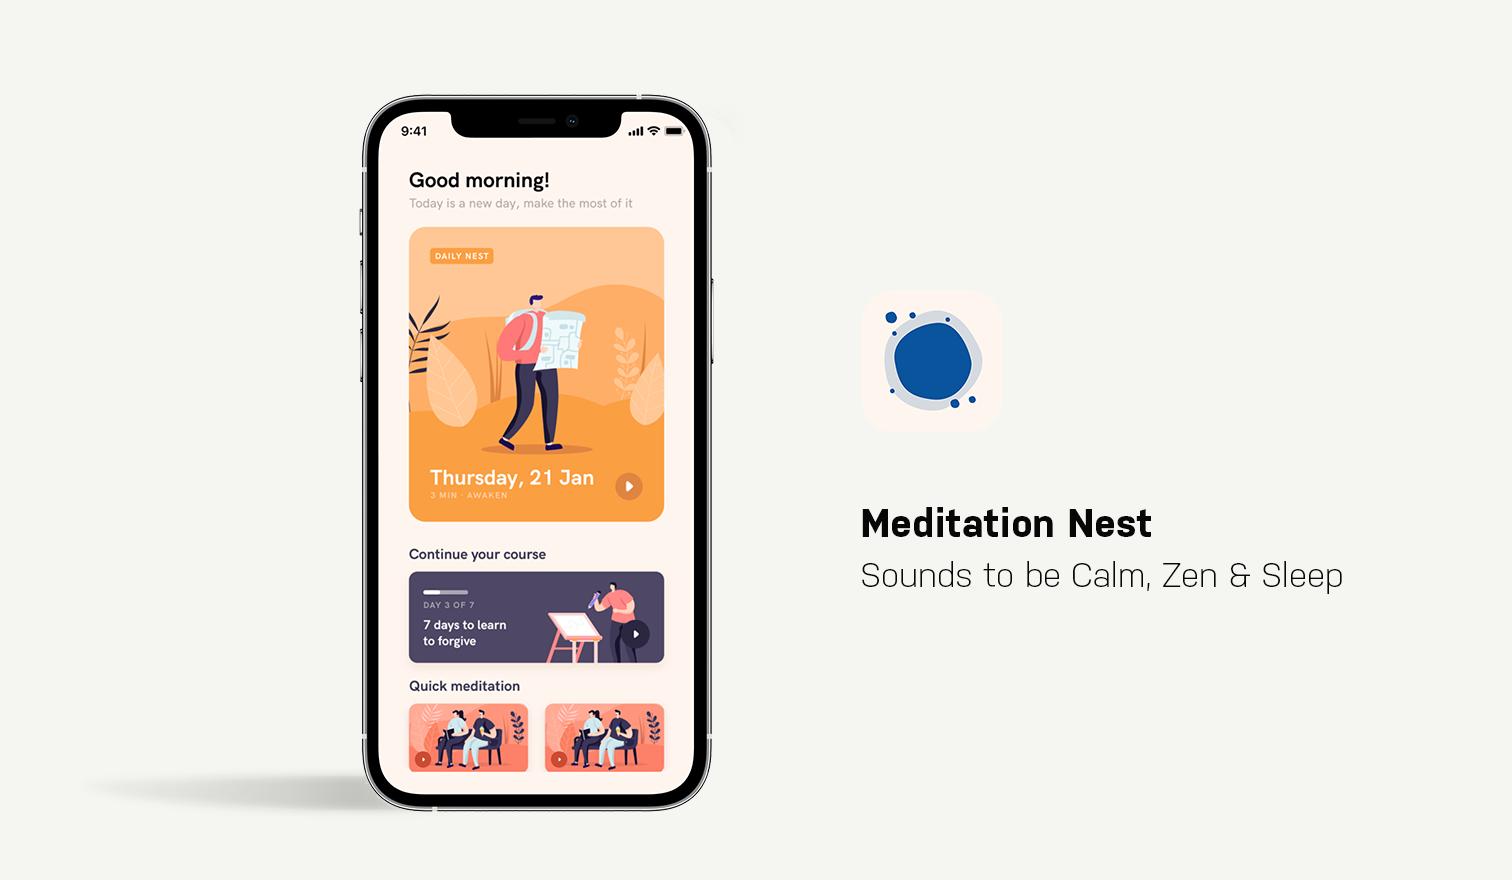 meditation nest app